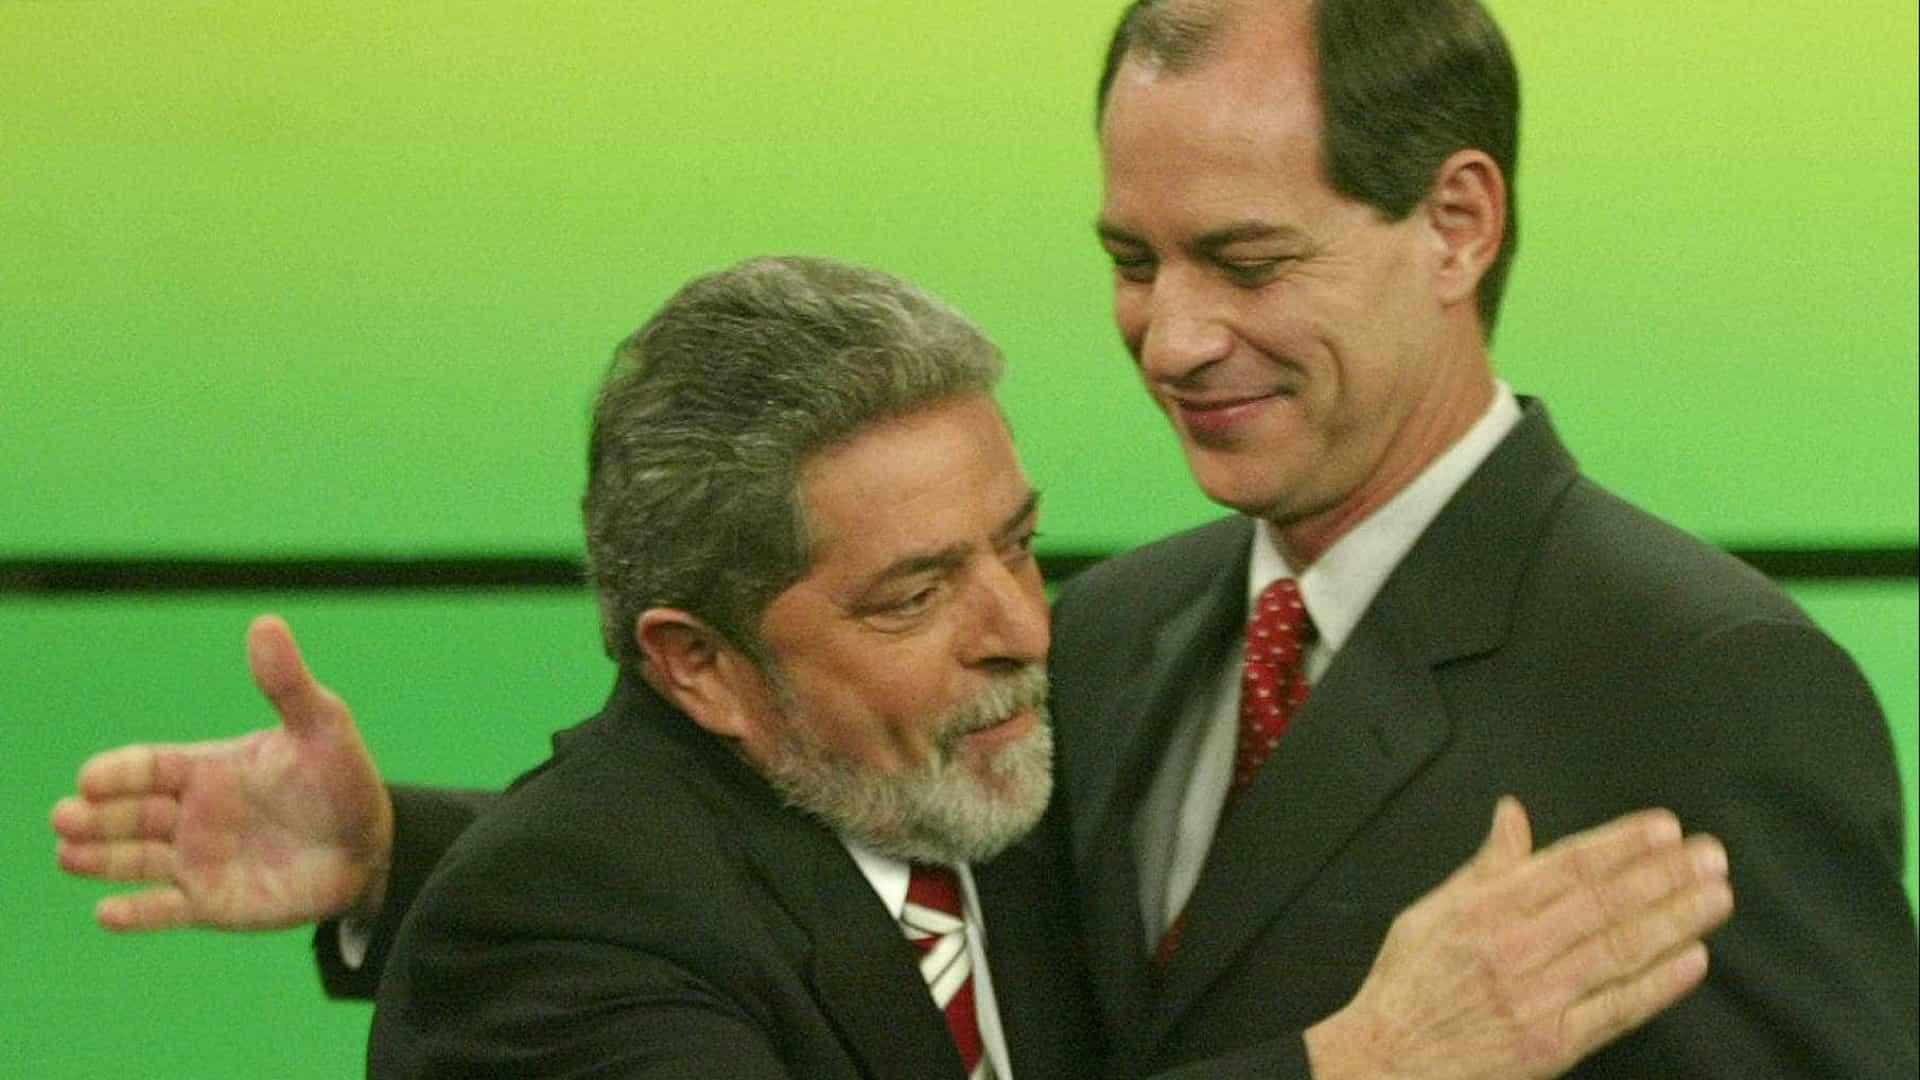 naom 5771b5acb13be - De olho em 2022, Lula e Ciro adotam estética de campanha em 1º de Maio unificado